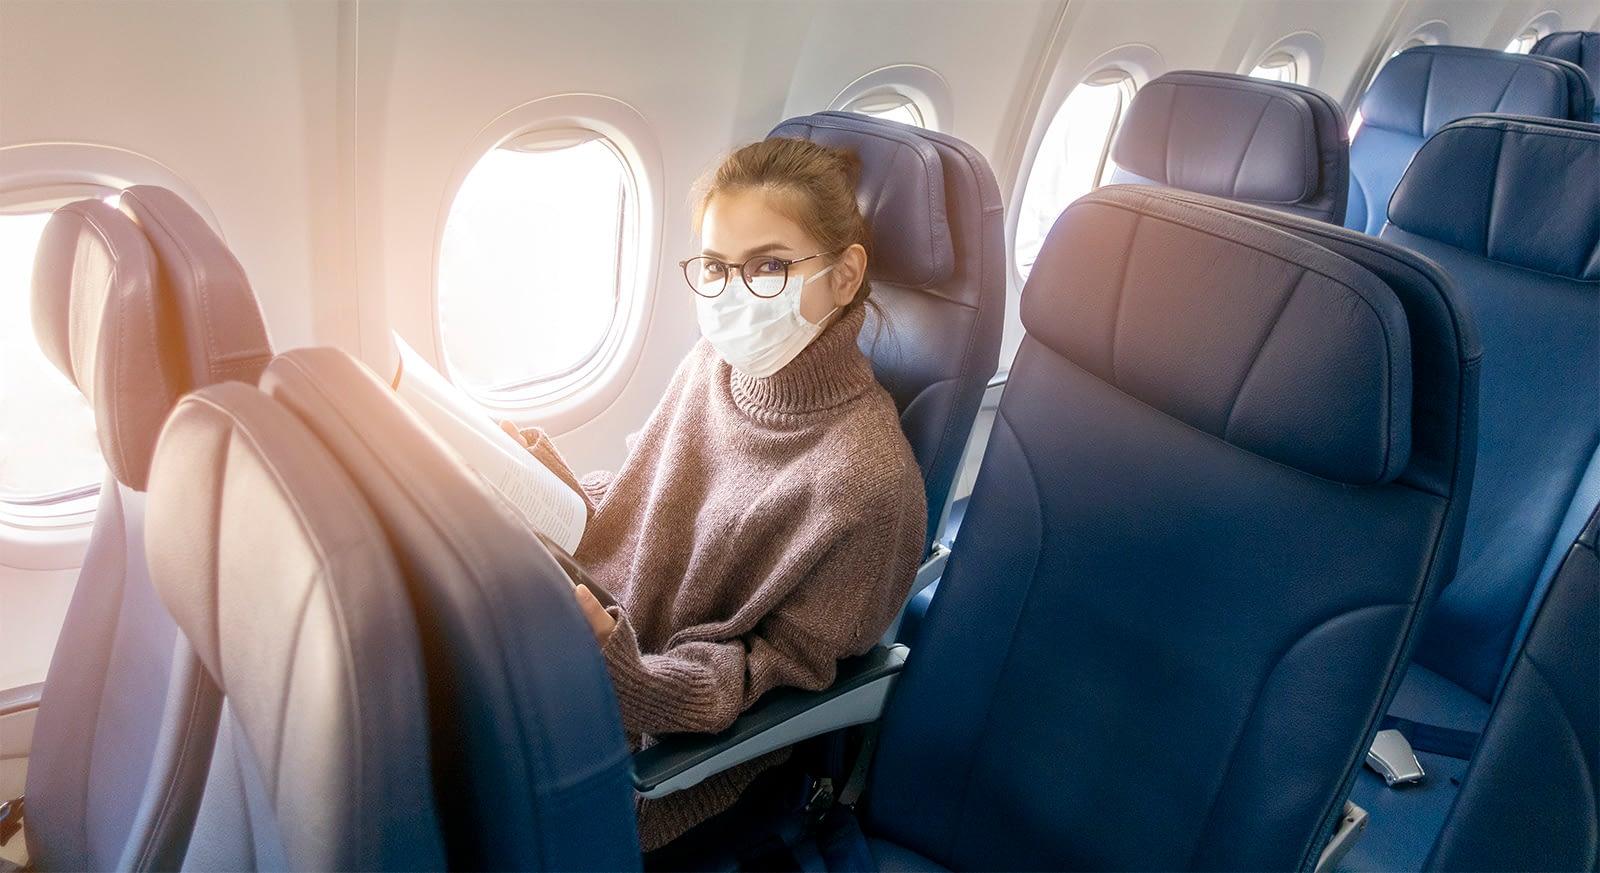 seguro de viagem na pandemia covid-19